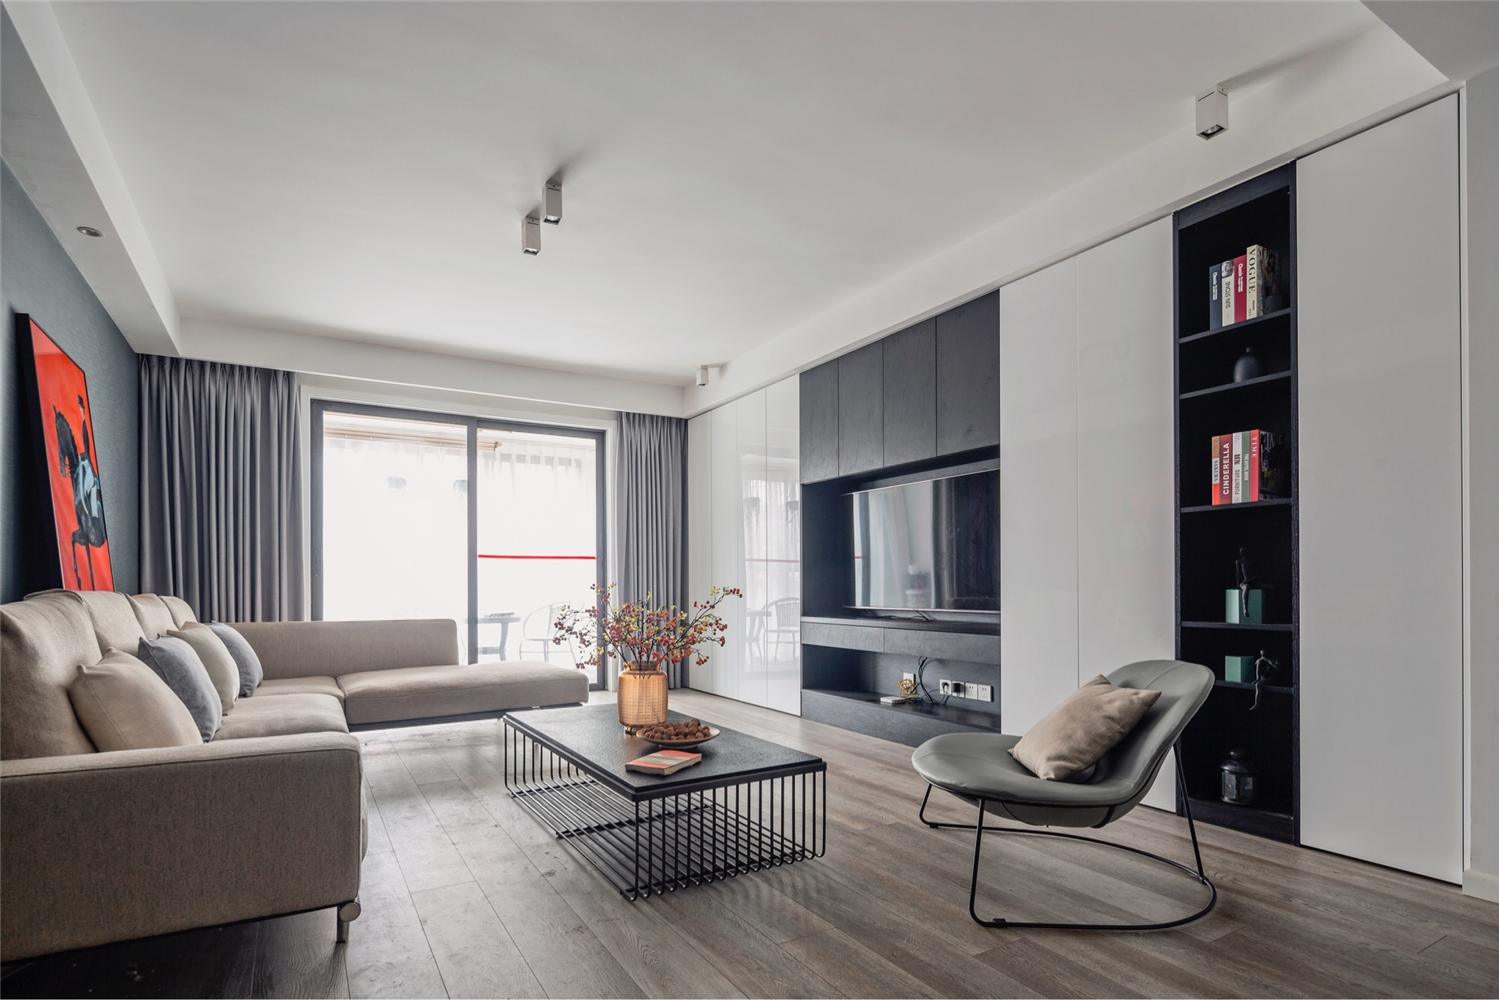 简约现代三居室客厅装修效果图